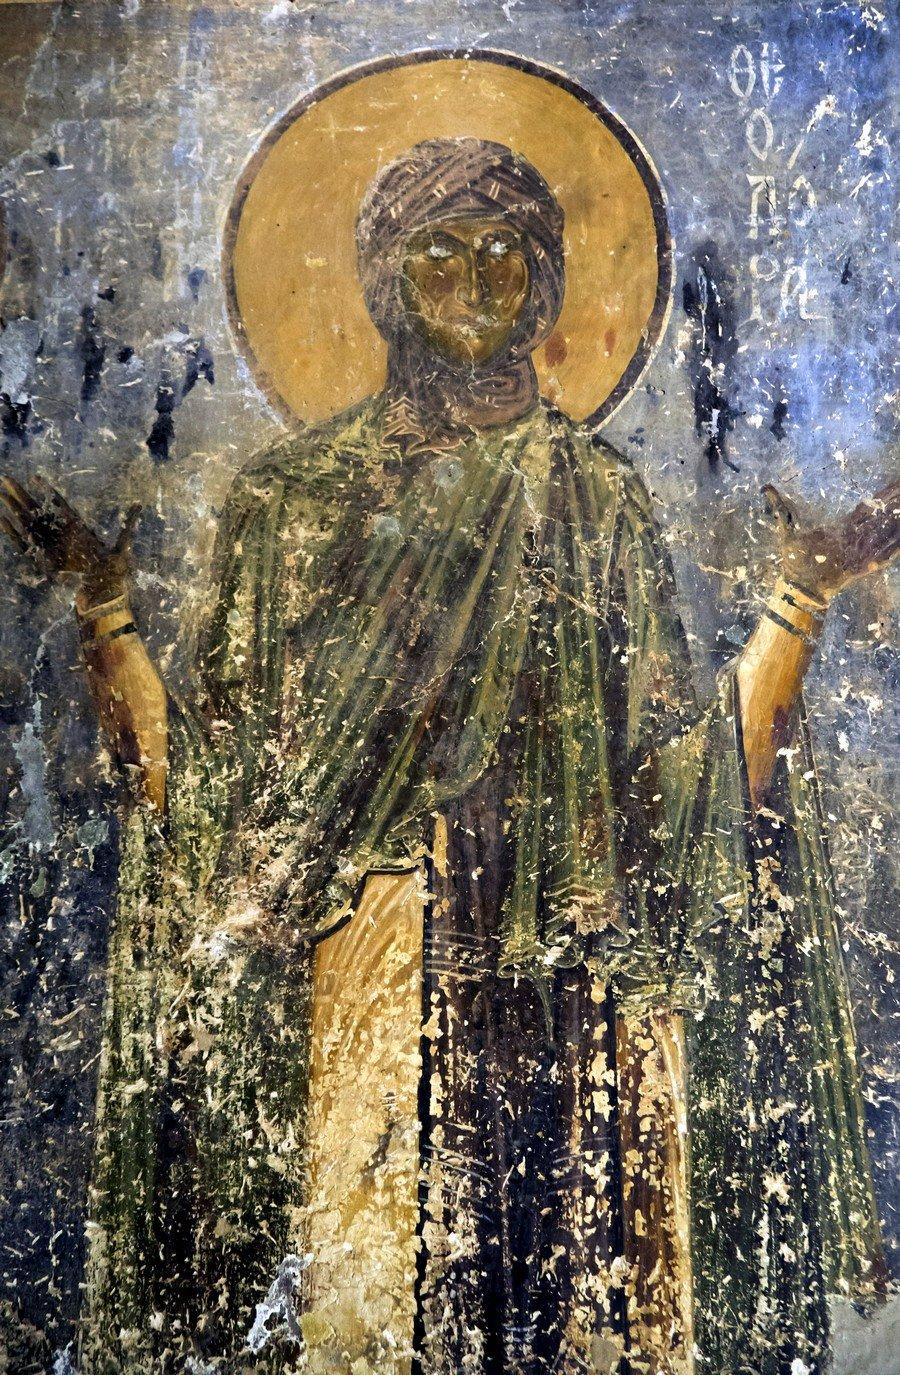 Святая Преподобная Феодора. Фреска церкви Святого Георгия в Курбиново, Македония. 1191 год.